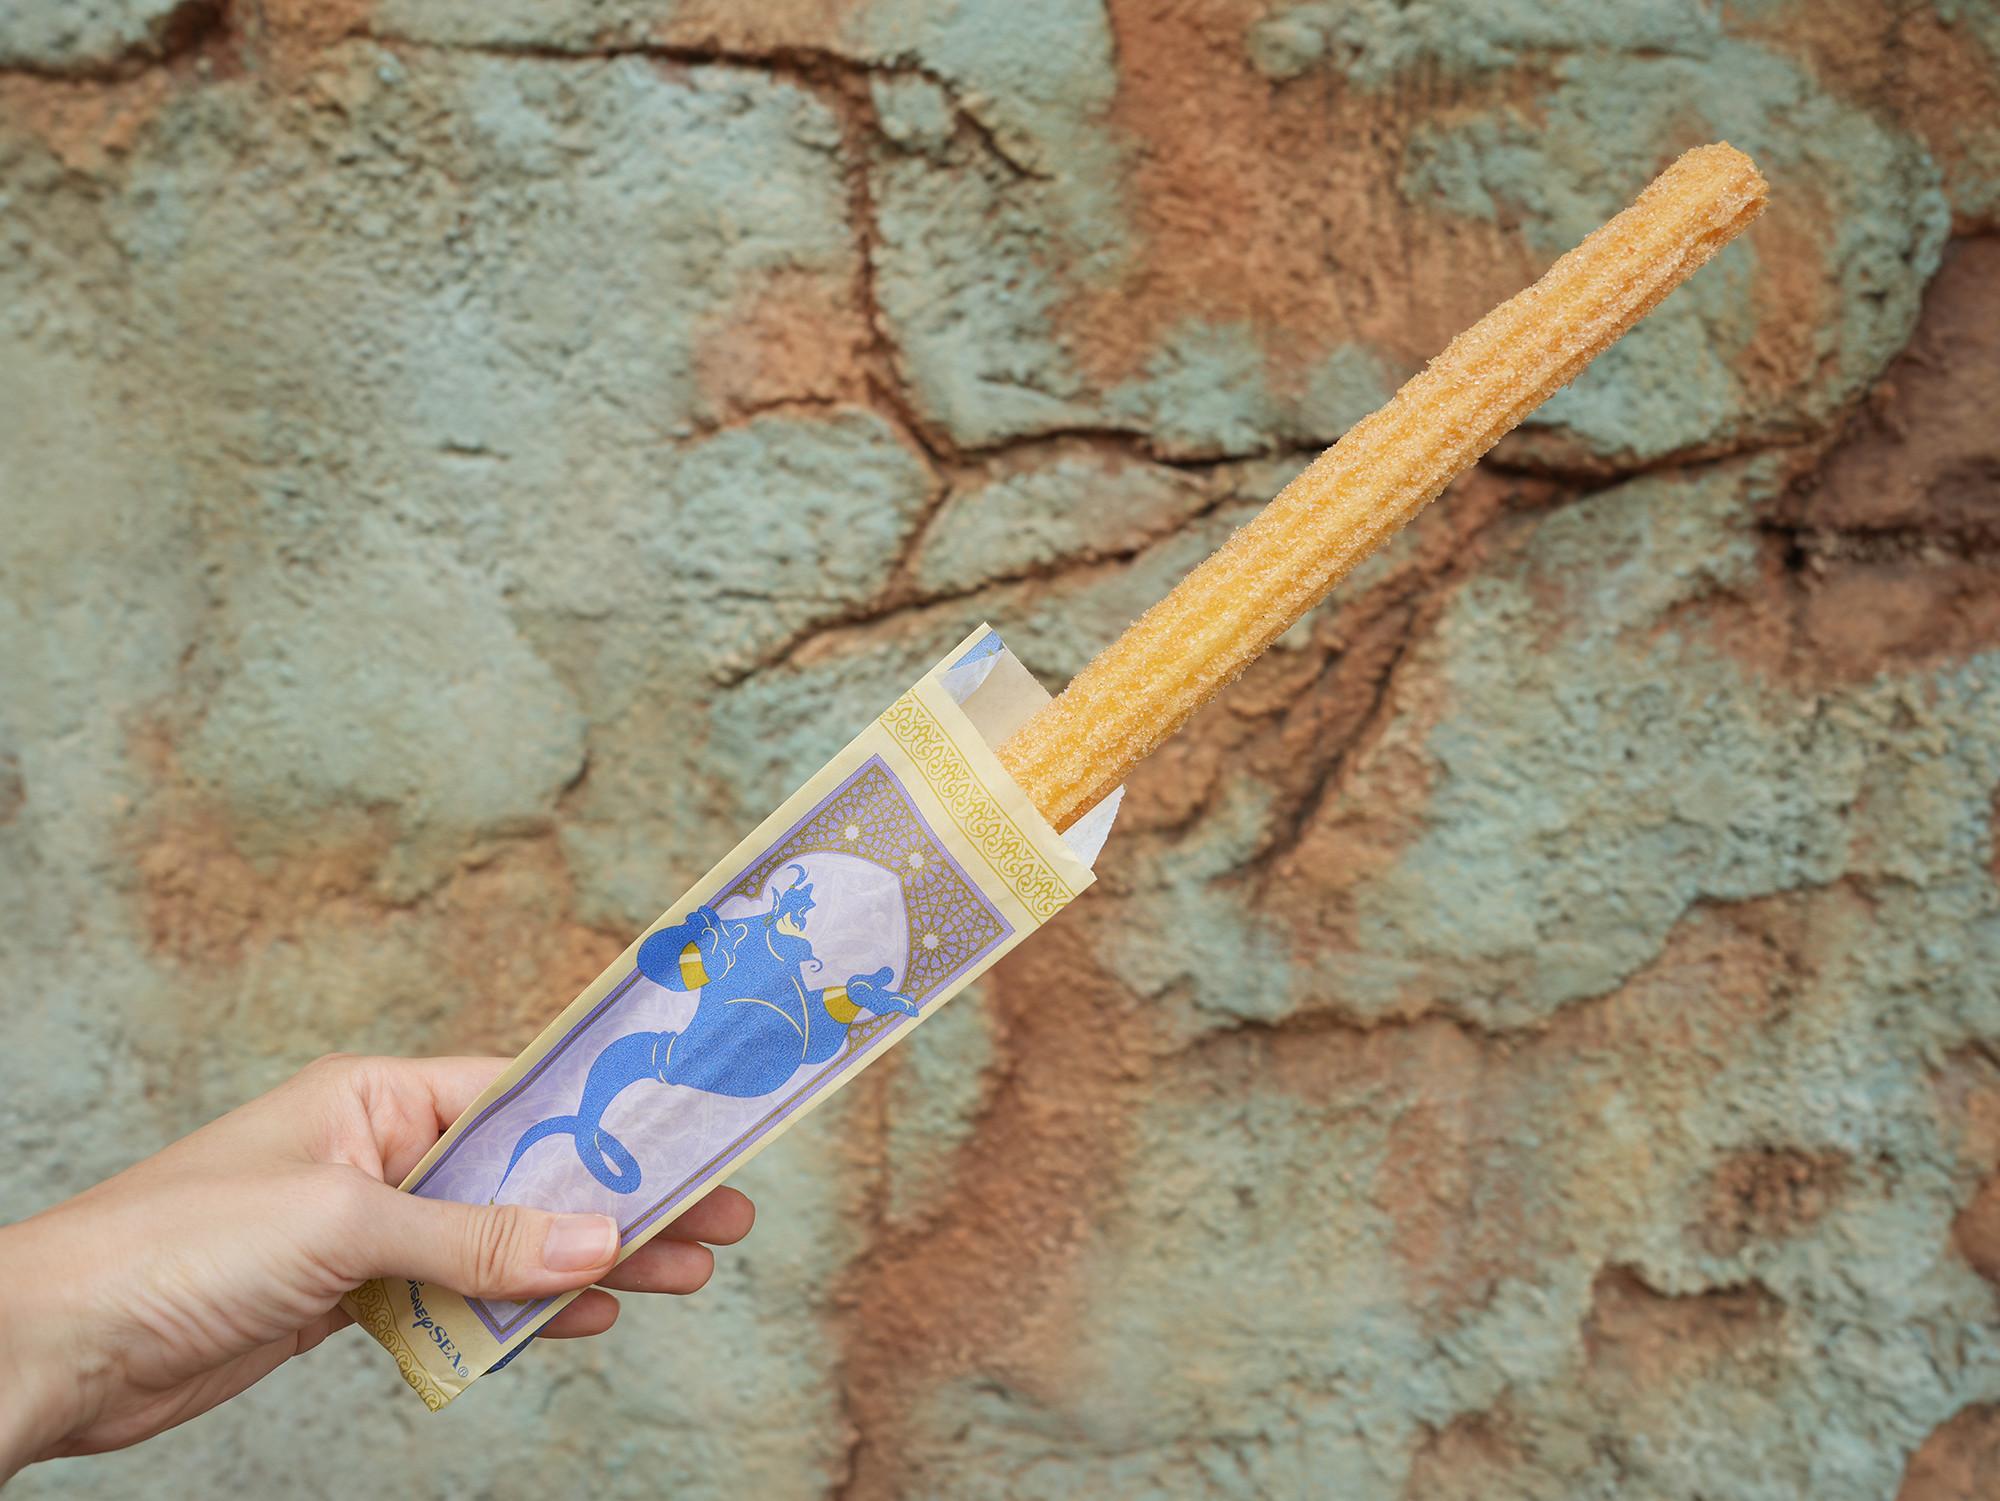 【2018】ディズニーシーのチュロス全5種類!売り場の場所・味・値段!シナモンが人気!